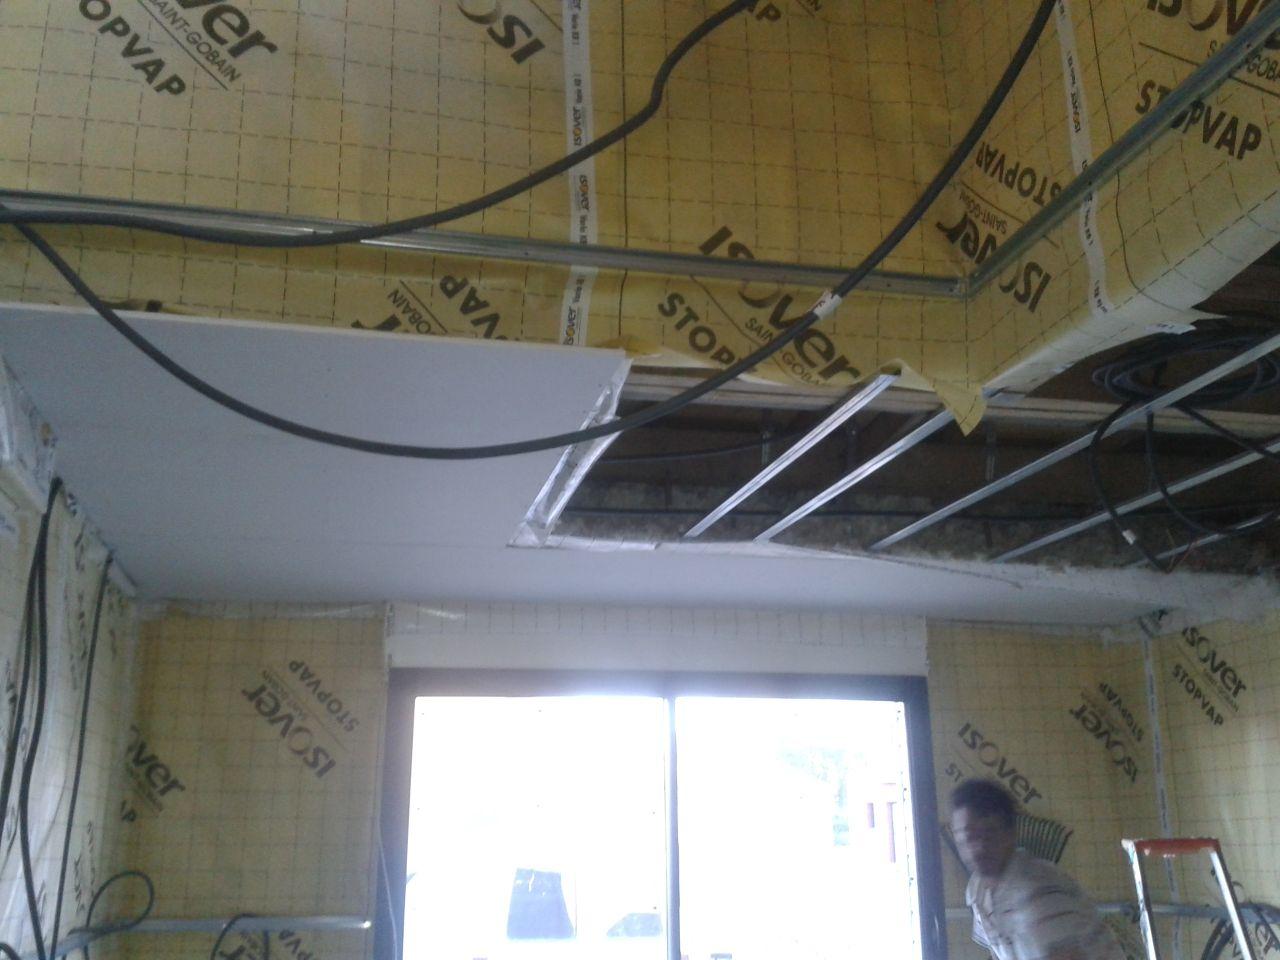 passage des pieuvres passage des gaines vmc passage. Black Bedroom Furniture Sets. Home Design Ideas